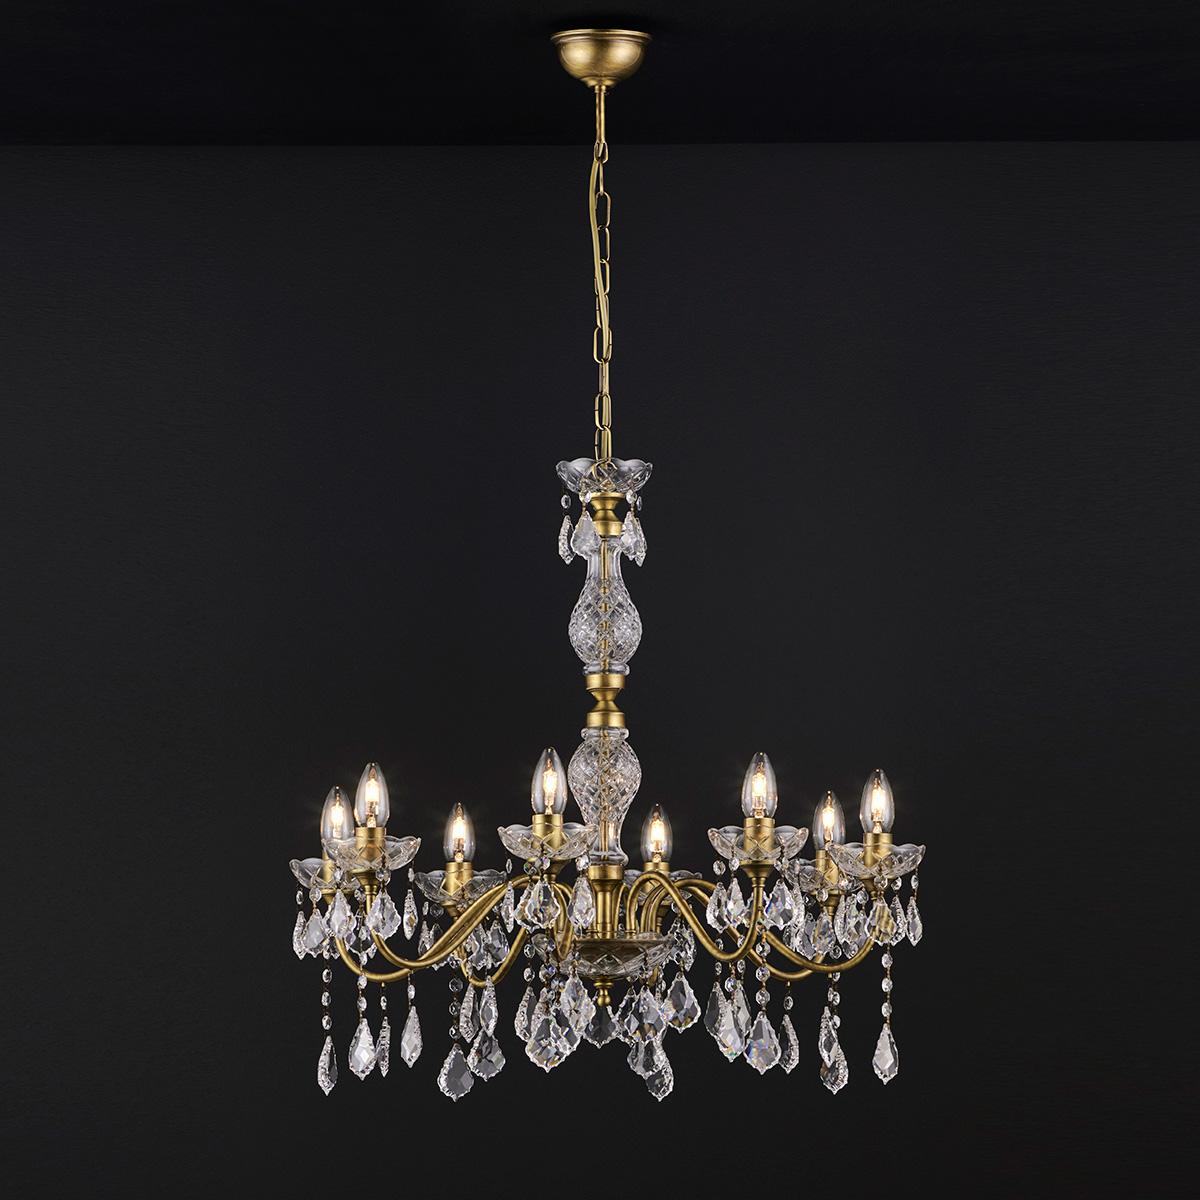 Κλασικό 8φωτο φωτιστικό με κρύσταλλα ΔΙΟΝ classic 8-bulb chandelier with crystals